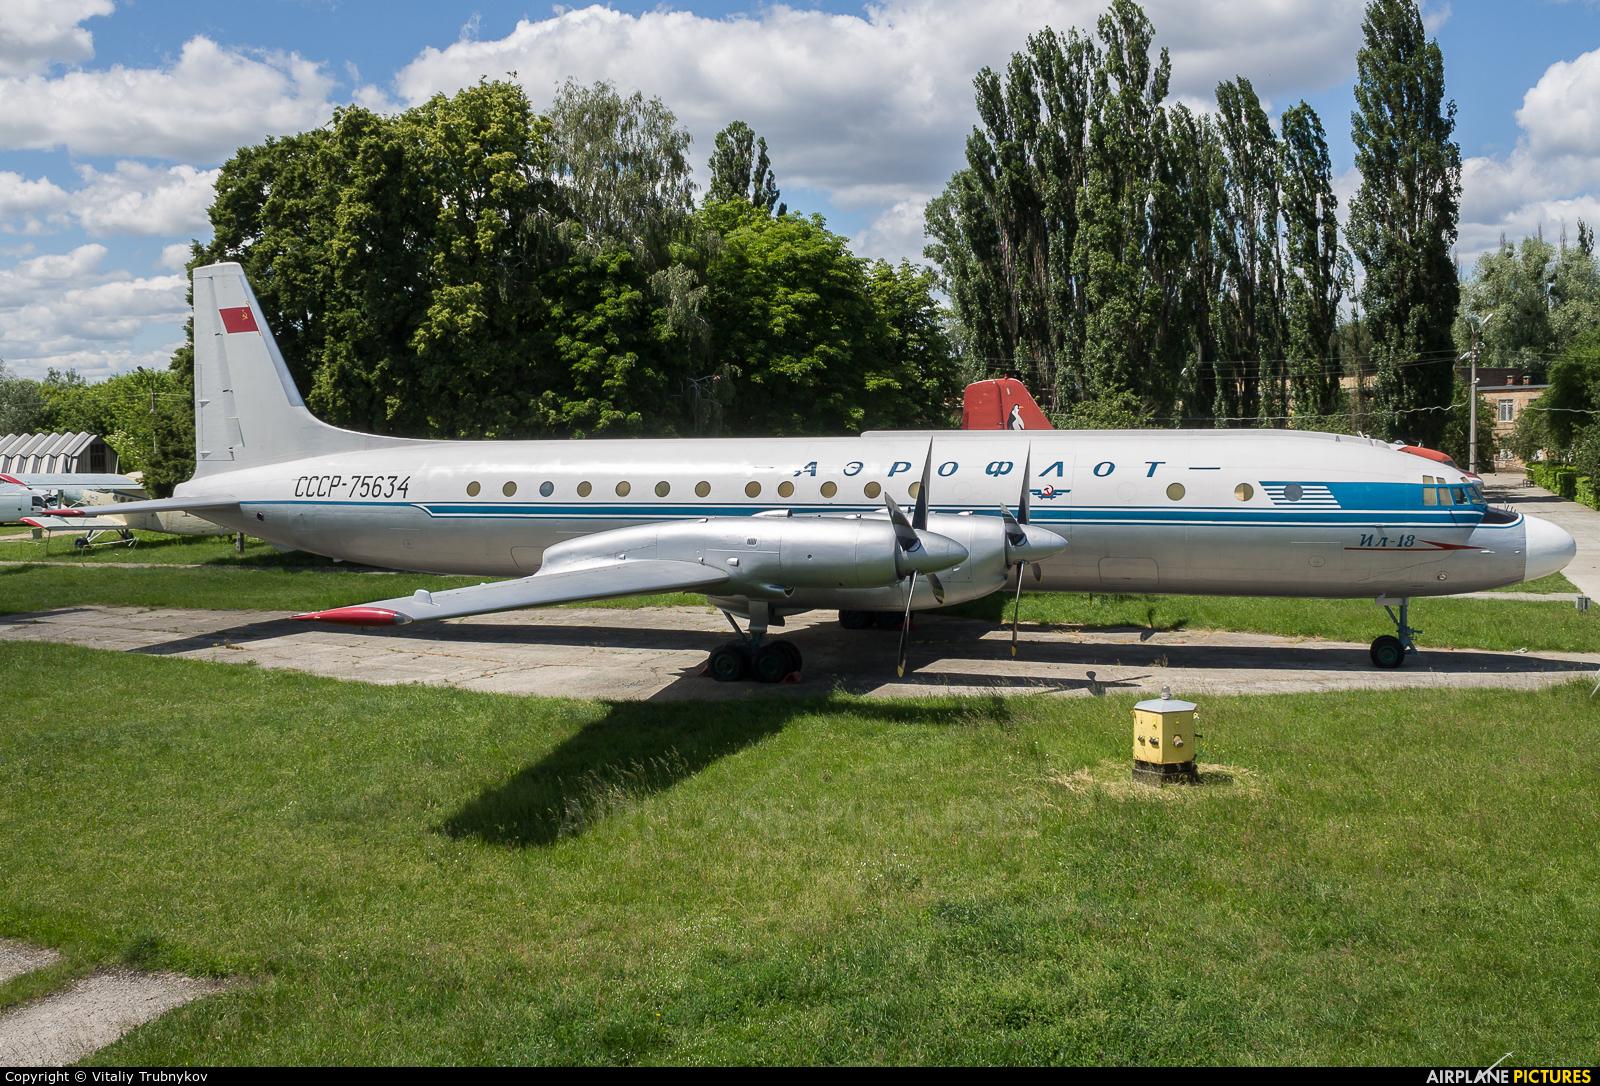 Aeroflot CCCP-75634 aircraft at Kyiv - Zhulyany